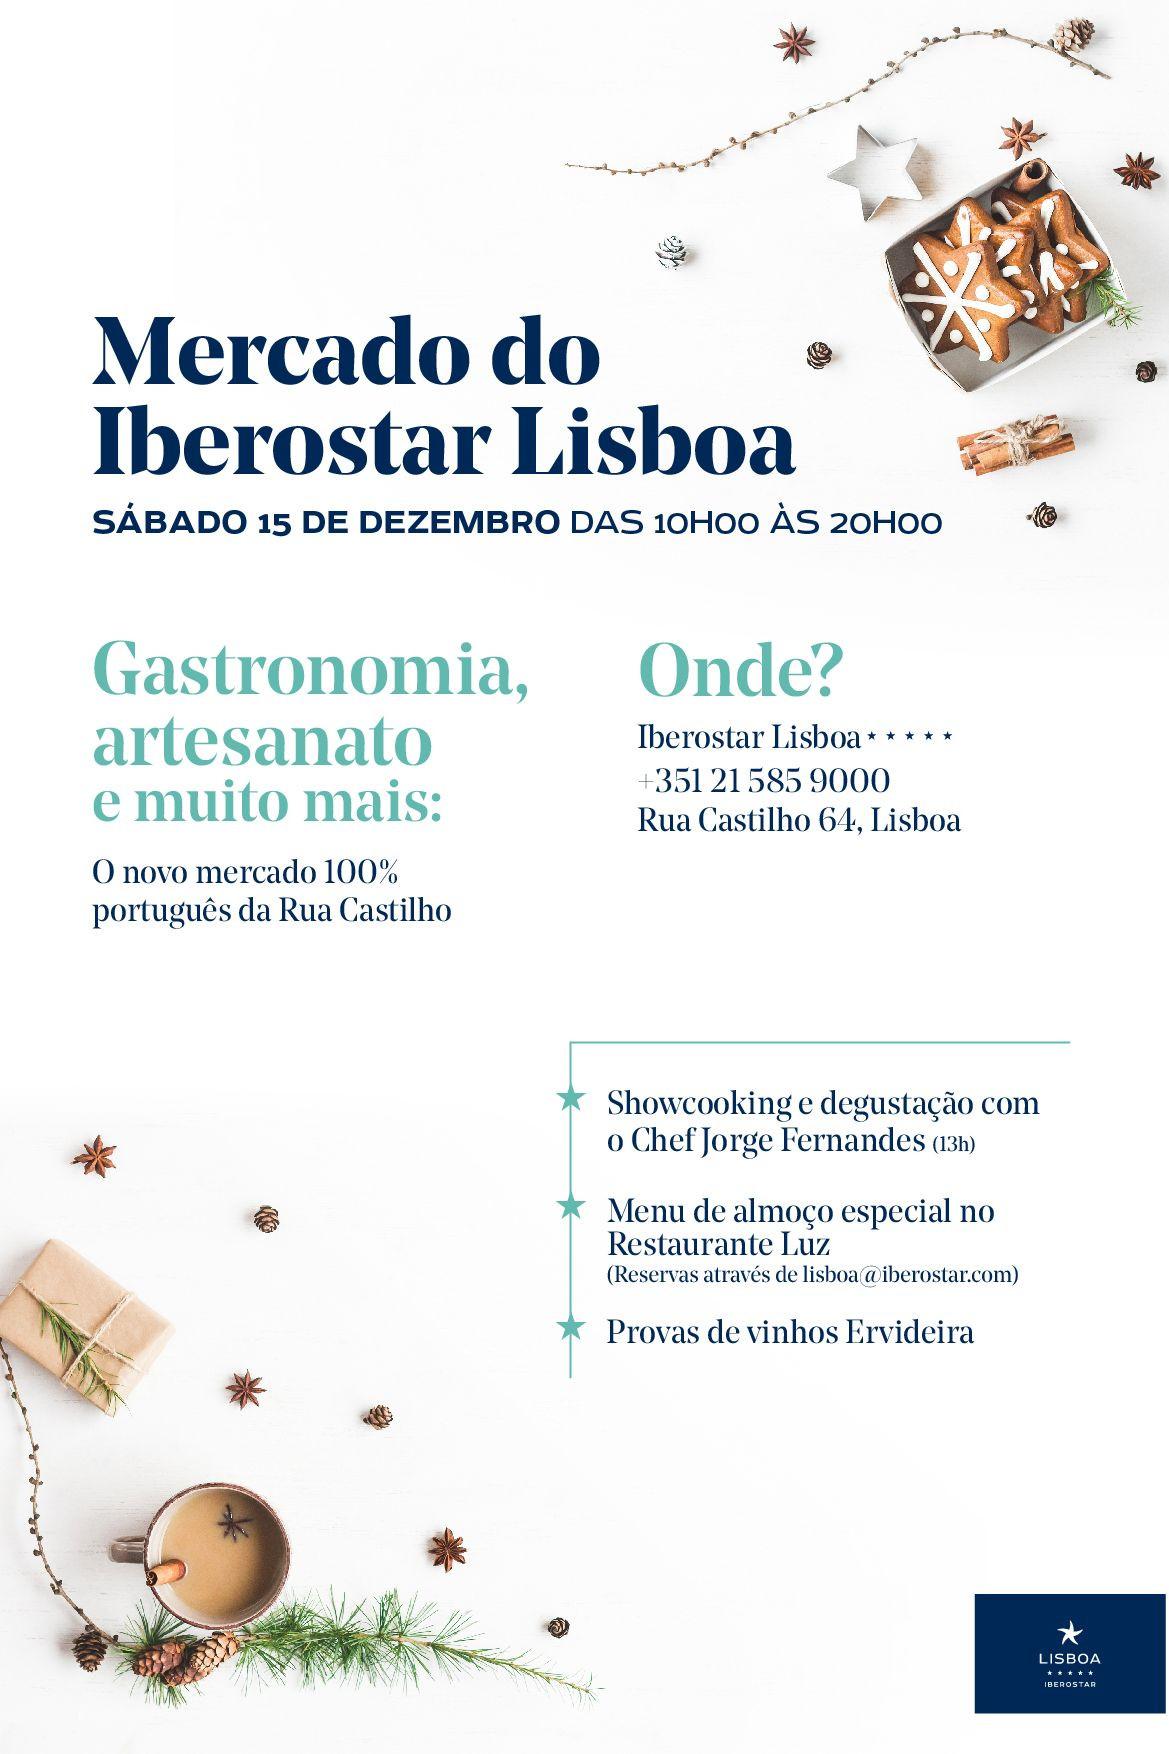 Iberostar Lisboa Market: Viver o espírito natalício na Rua Castilho